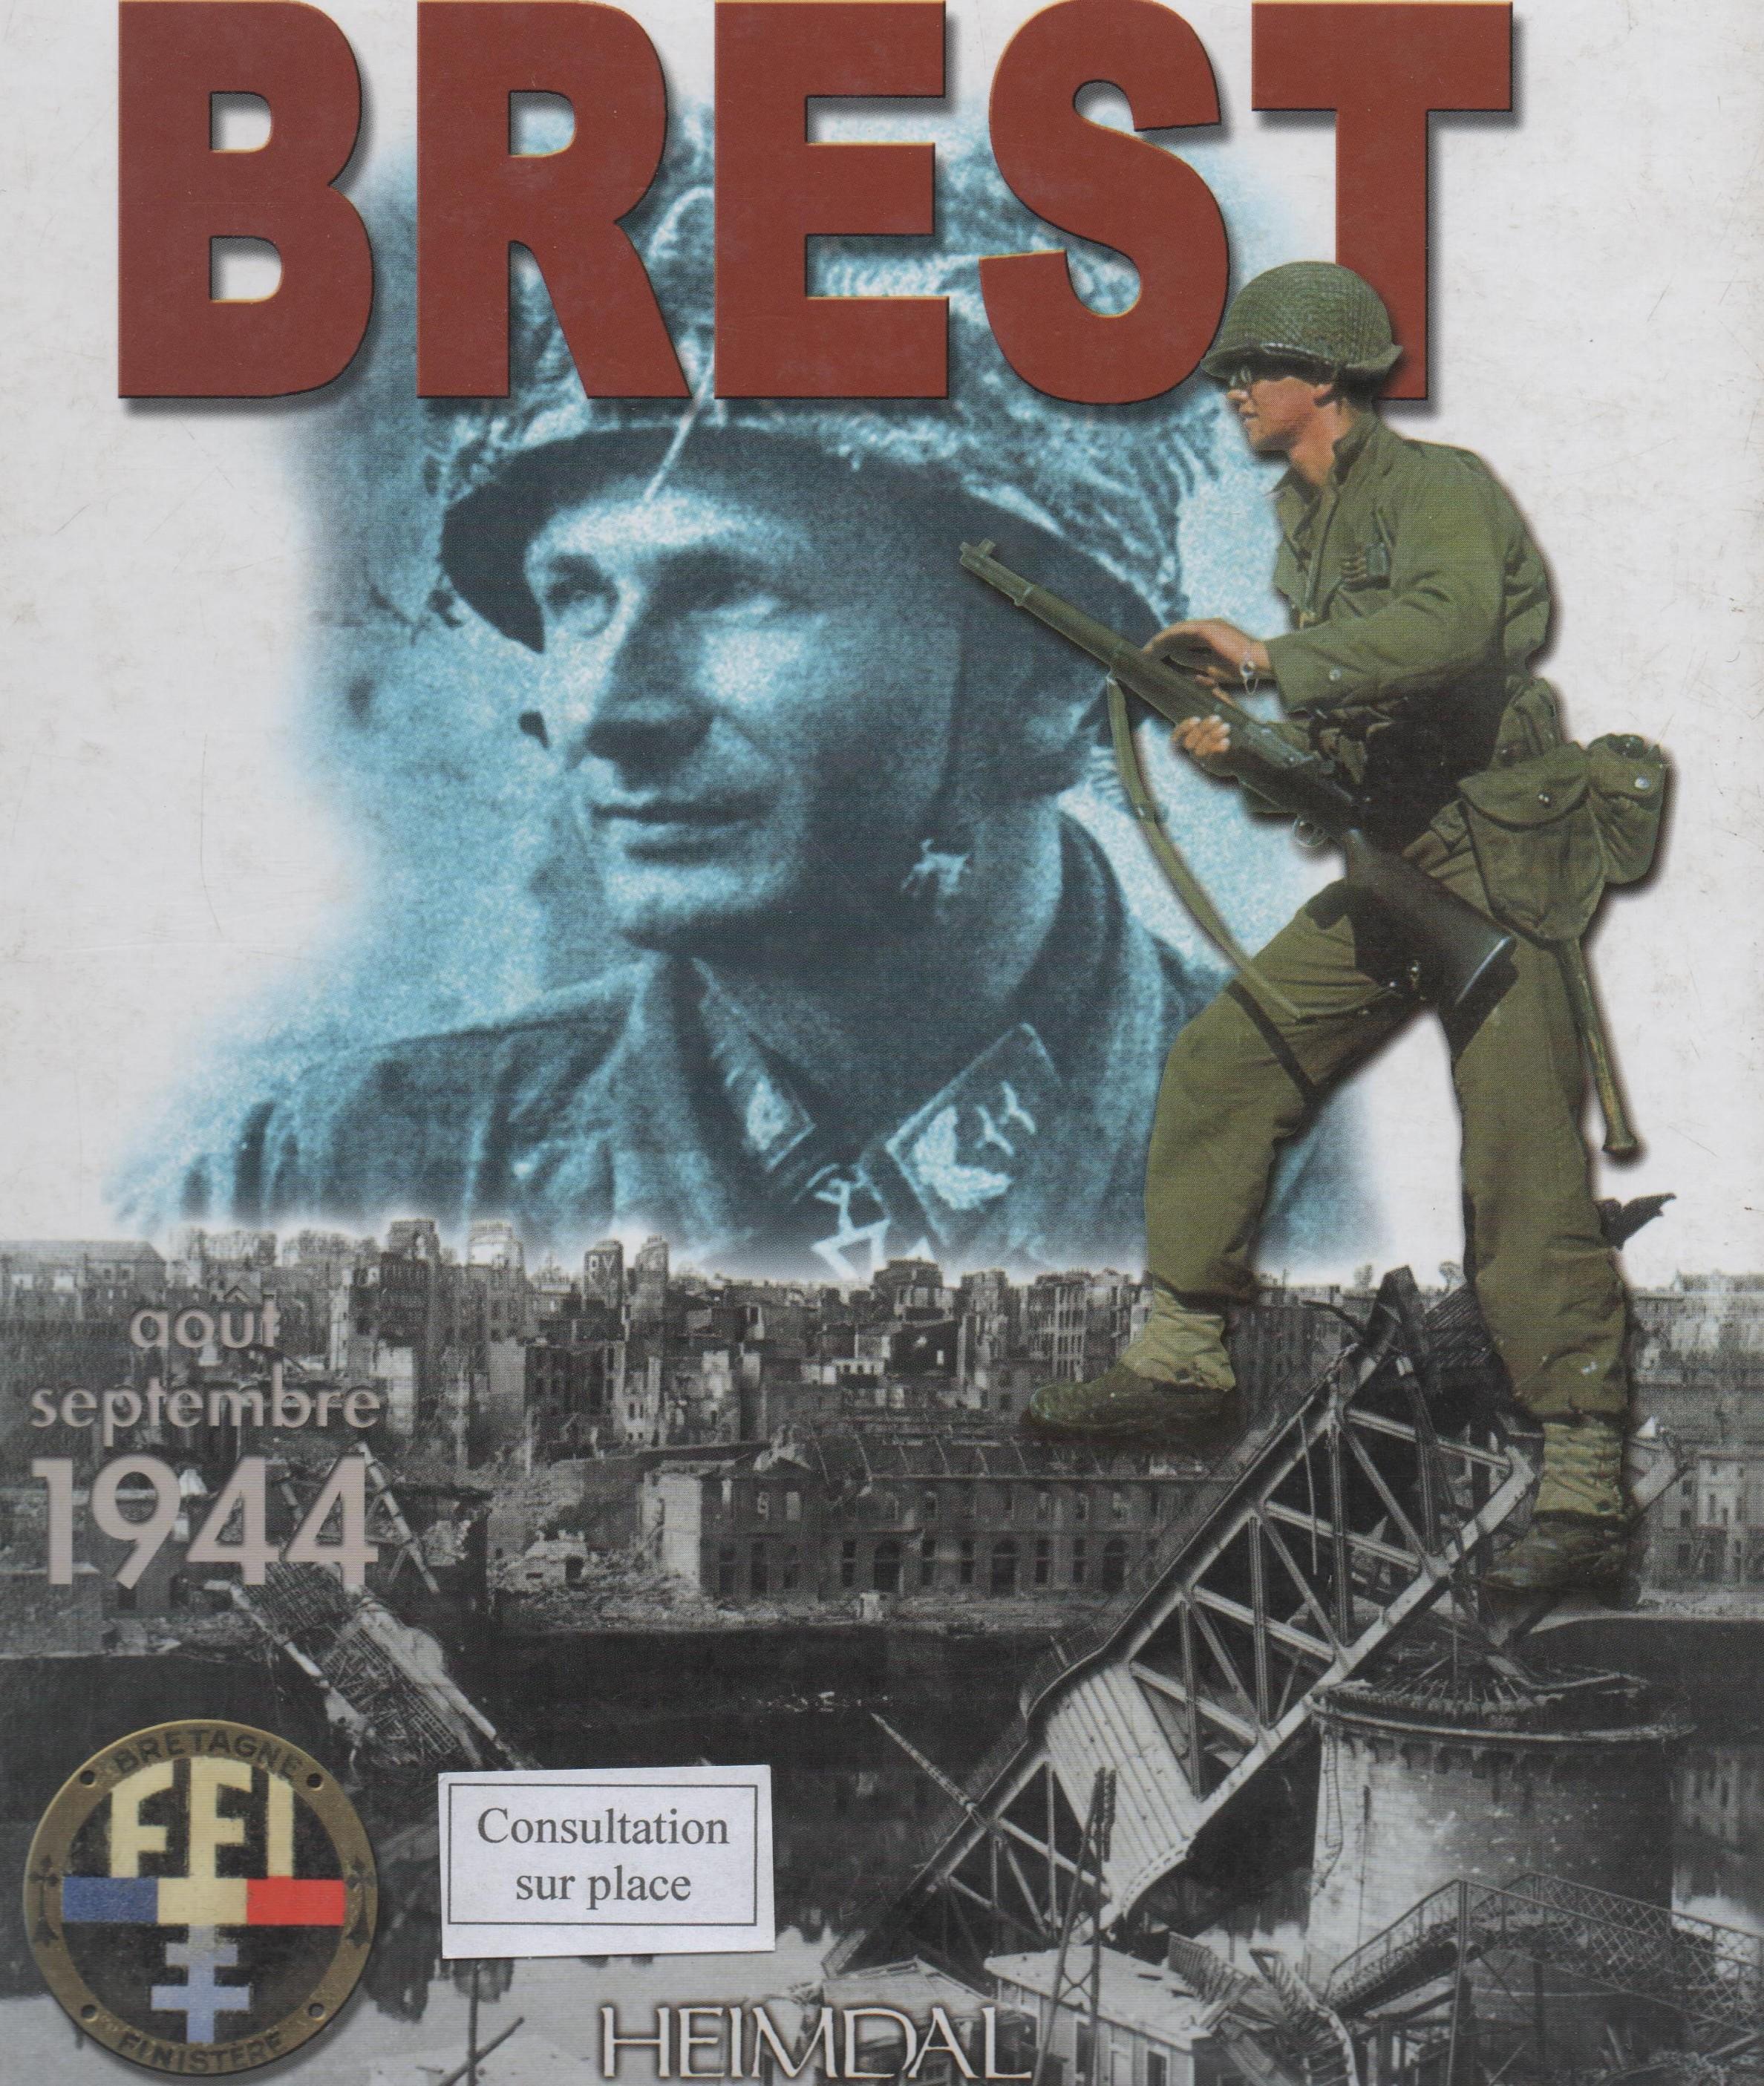 L'Enfer de Brest